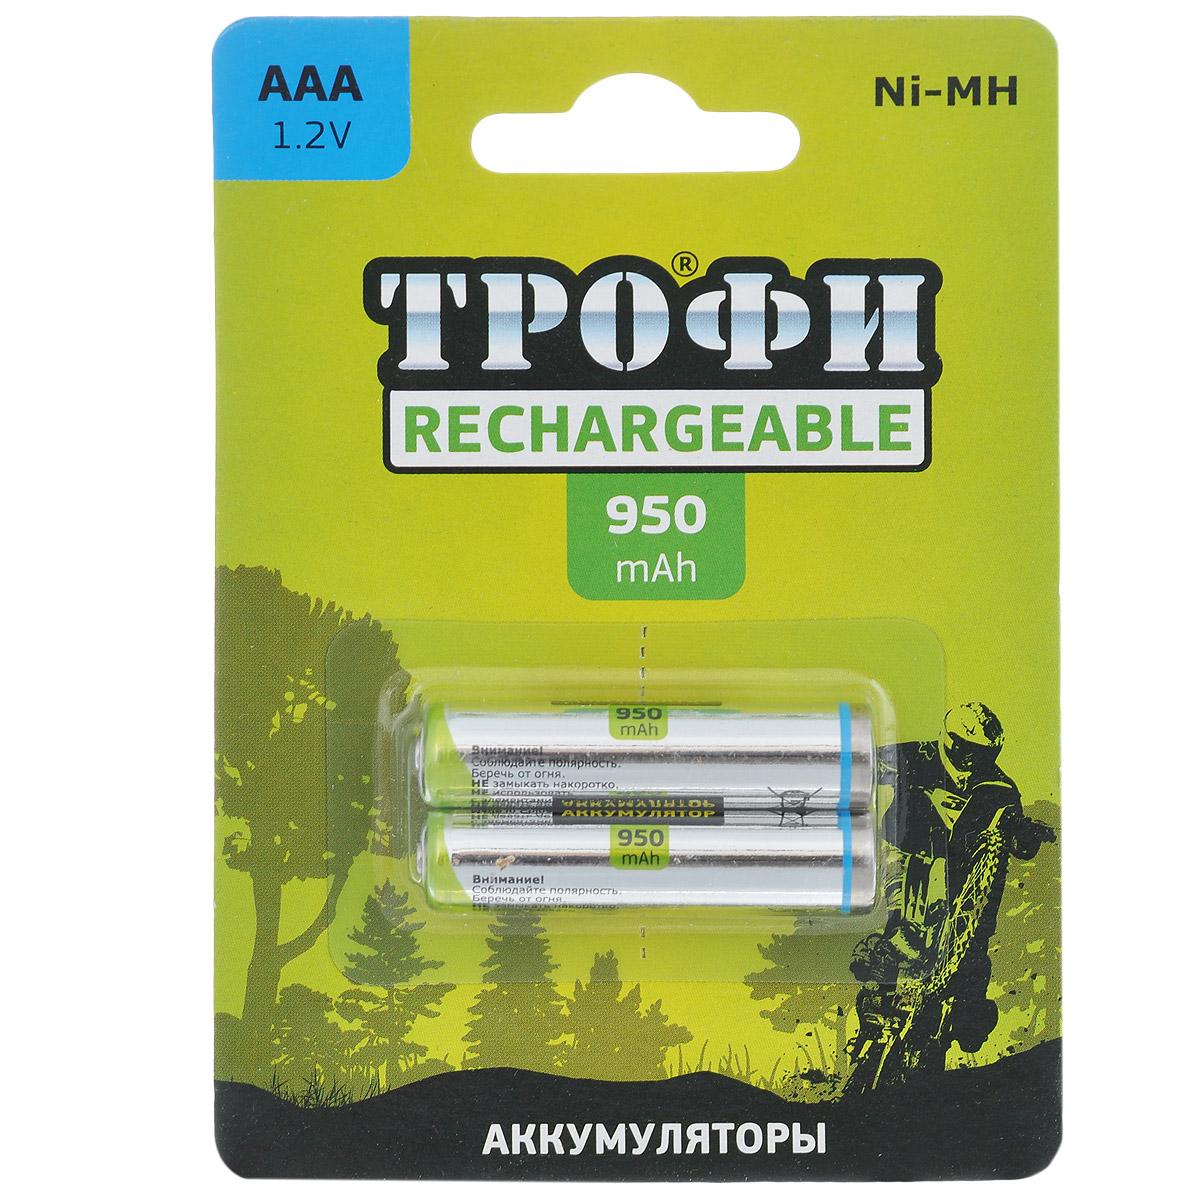 Аккумулятор Трофи, тип AAA (HR03-2BL), 950 мАч, 2 шт5055283020714Аккумуляторы никель-металлогидридные Трофи оптимально подходят для повседневного питания множества современных бытовых приборов. Батарейки созданы для устройств с высоким потреблением энергии. Аккумуляторы Трофи - современное решение для людей, постоянно нуждающихся в надежном источнике питания различных устройств как в своей профессиональной деятельности, так и в период отдыха. Они идеальны для использования даже в самой требовательной бытовой электронике: цифровые фотоаппараты, фотовспышки, плееры, современные игрушки и прочее. Более того, NiMh аккумуляторы отличаются отсутствием эффекта памяти, что исключает необходимость полного разряда перед каждый циклом восполнения емкости. В комплекте - 2 аккумулятора. Размер аккумулятора: 1 см х 4,3 см.